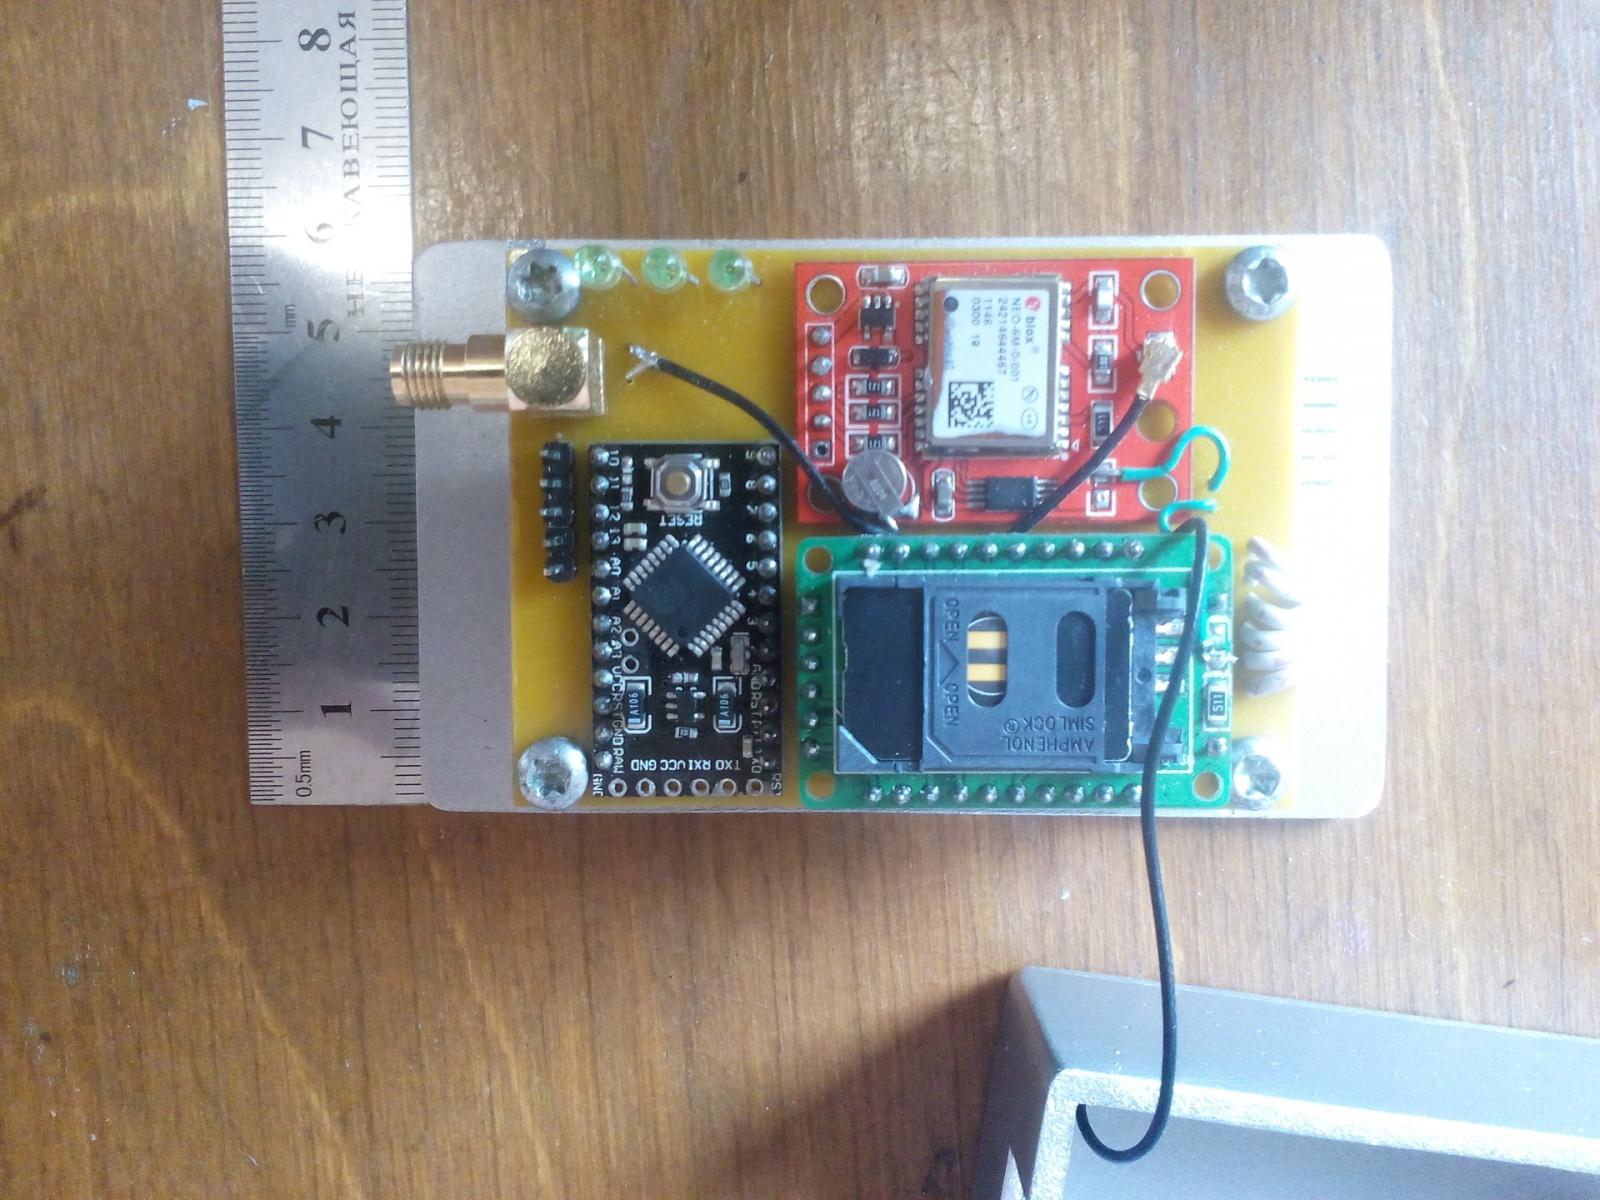 GPS трекер для автомобиля своими руками - 5